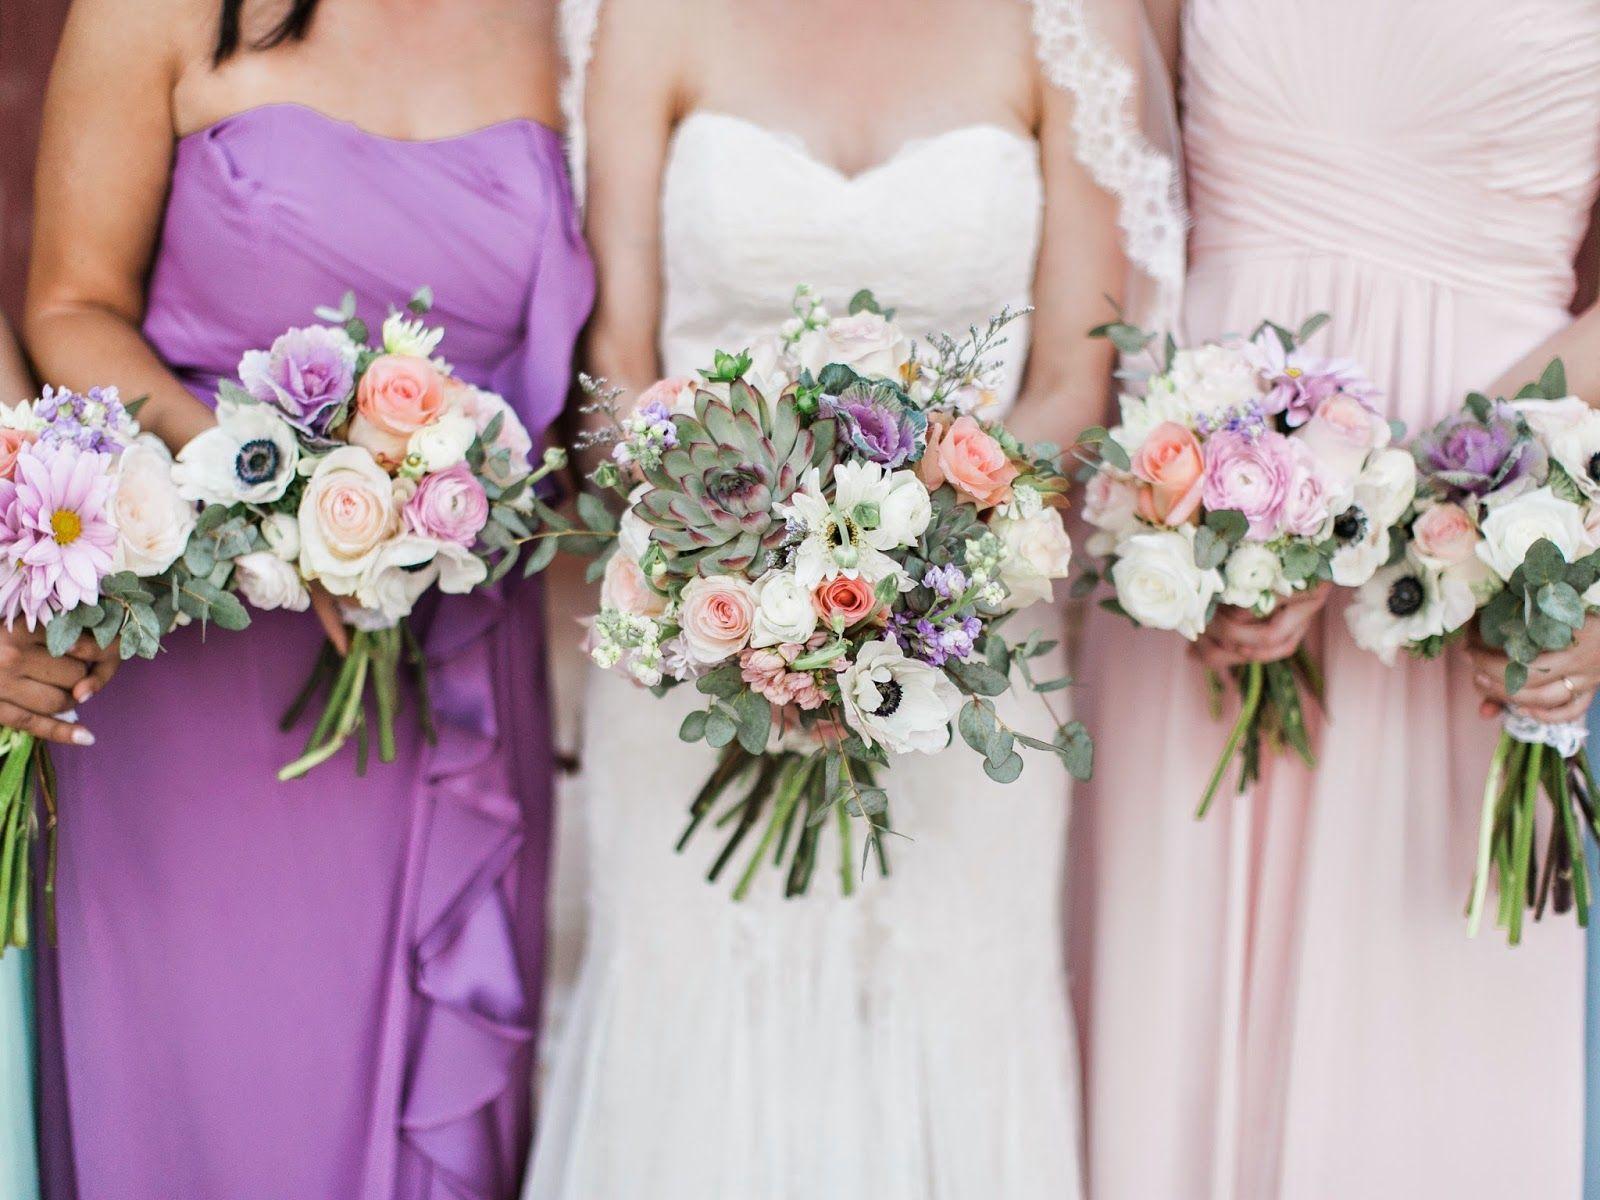 Bridal Bouquet Bridesmaids Bouquets Succulent Kale Anemone